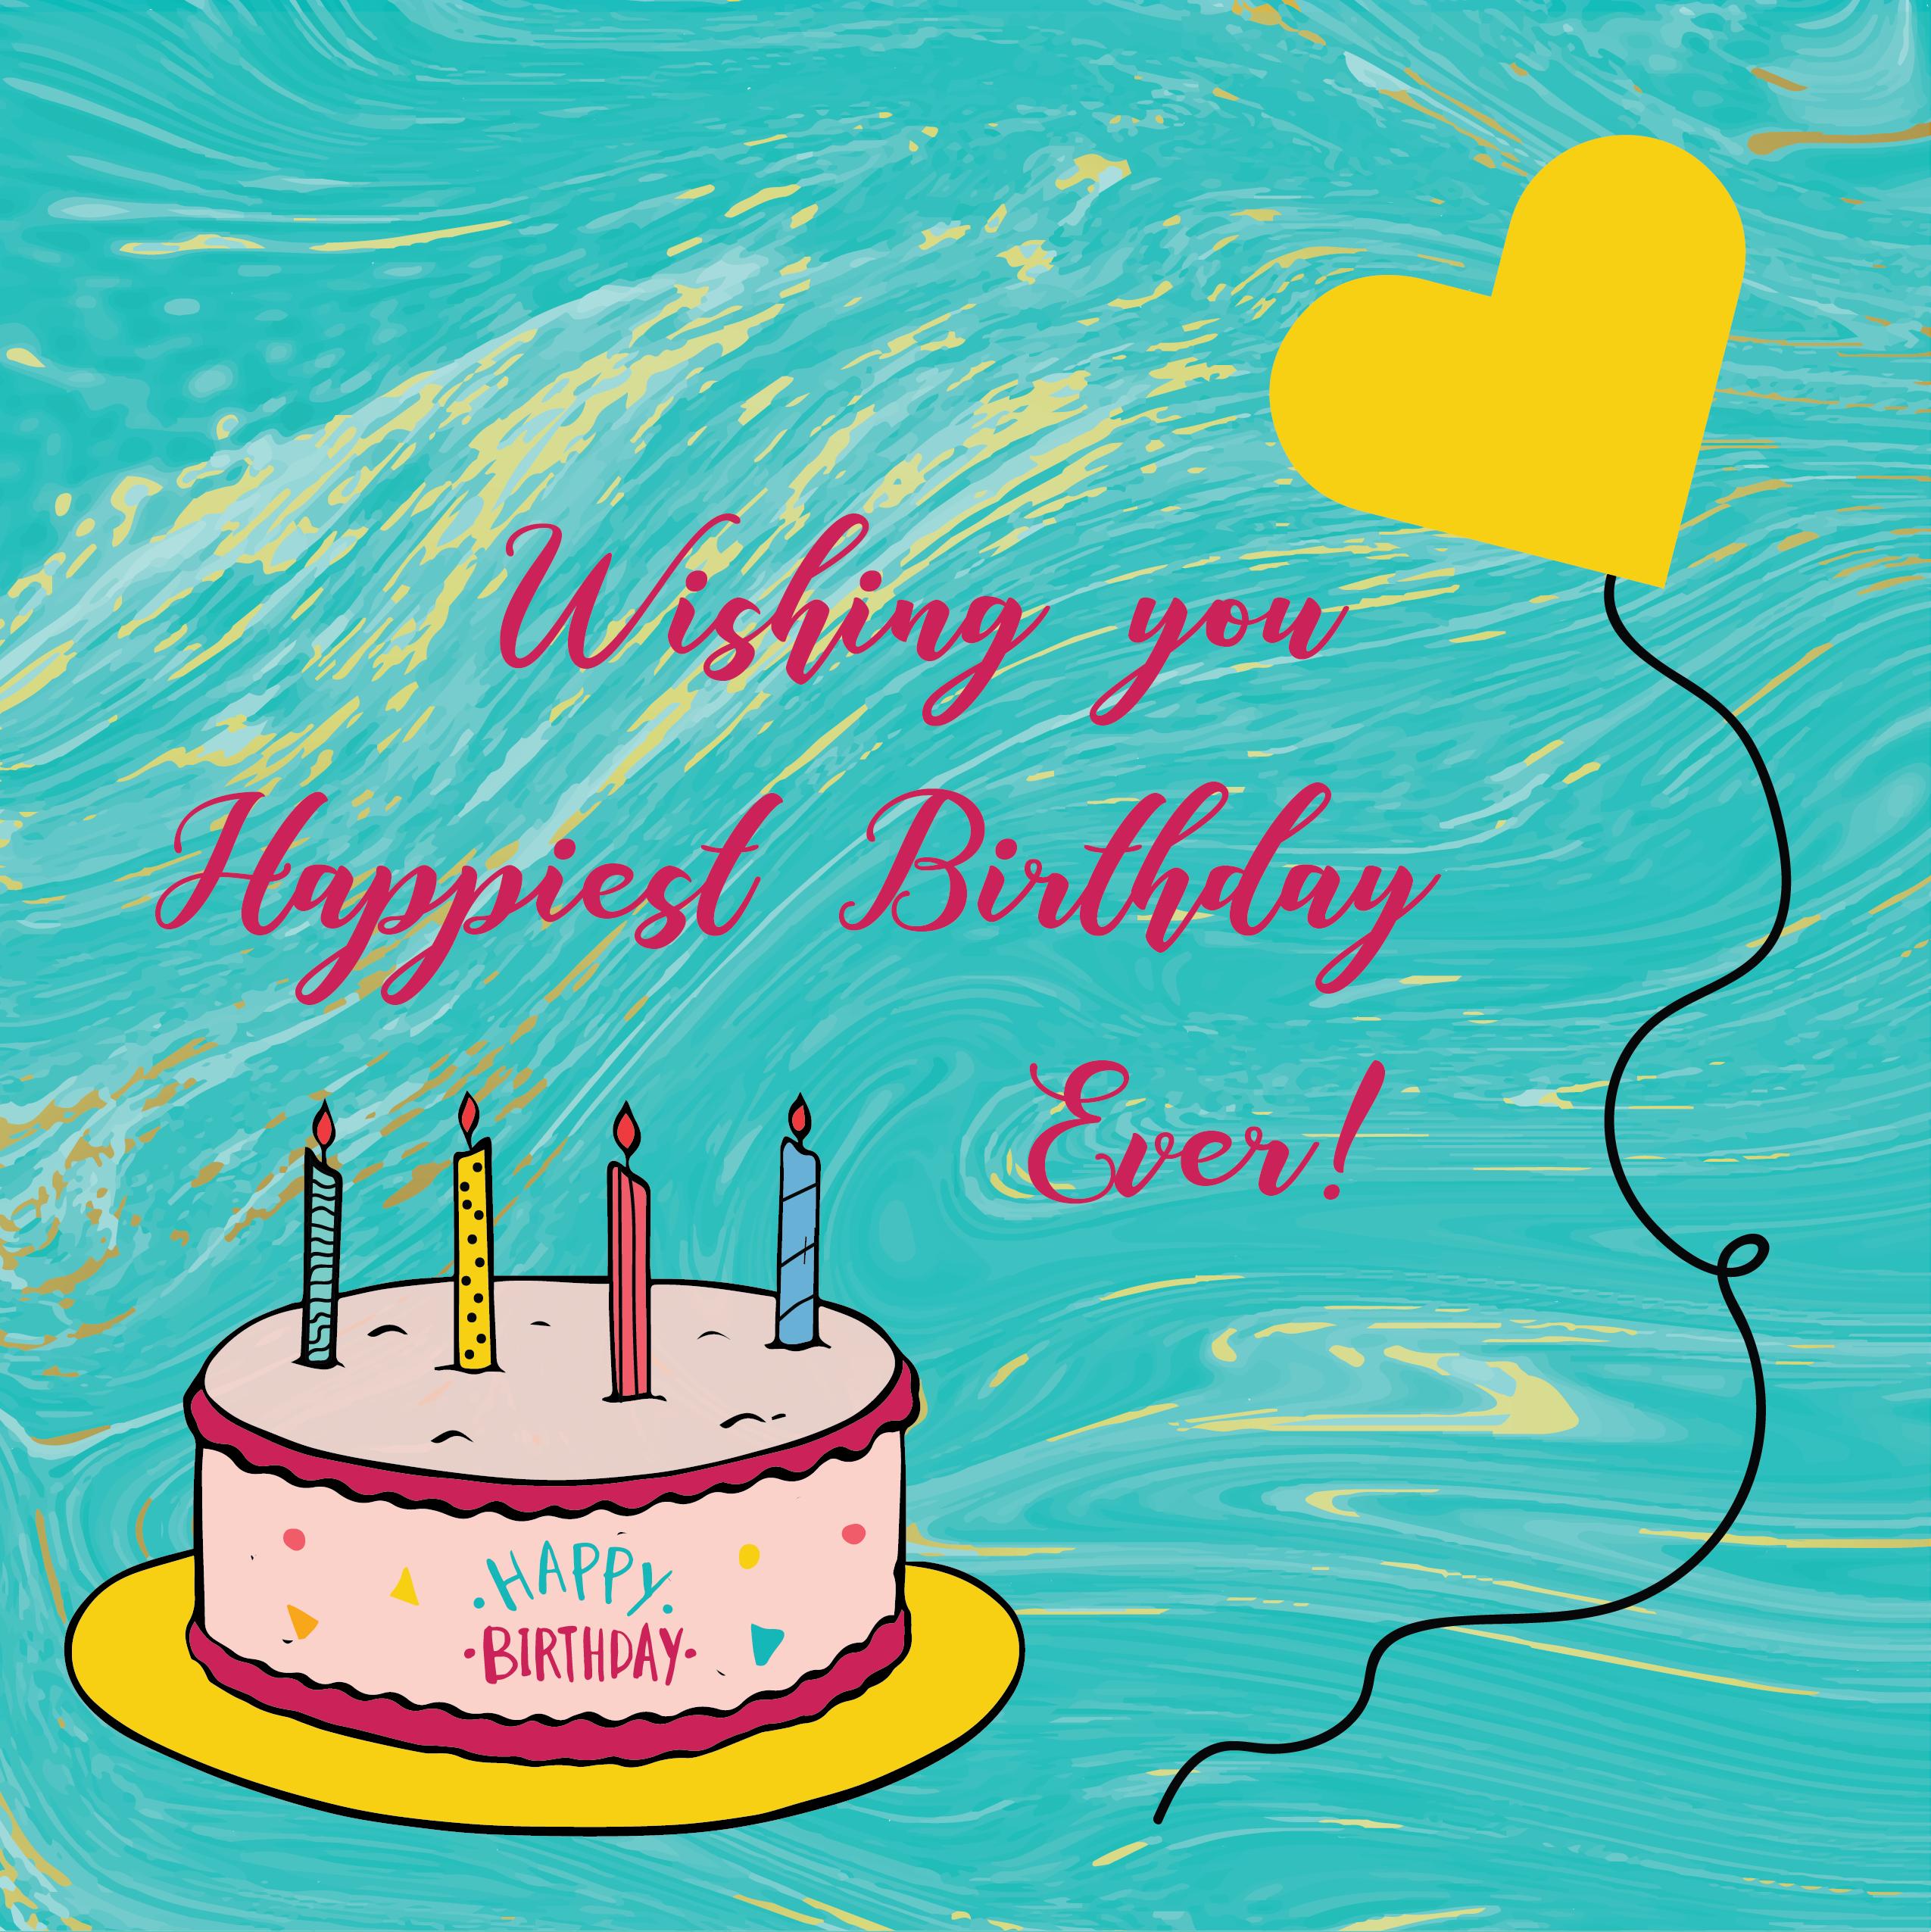 Happy-Birthday-Wishes-Cakes